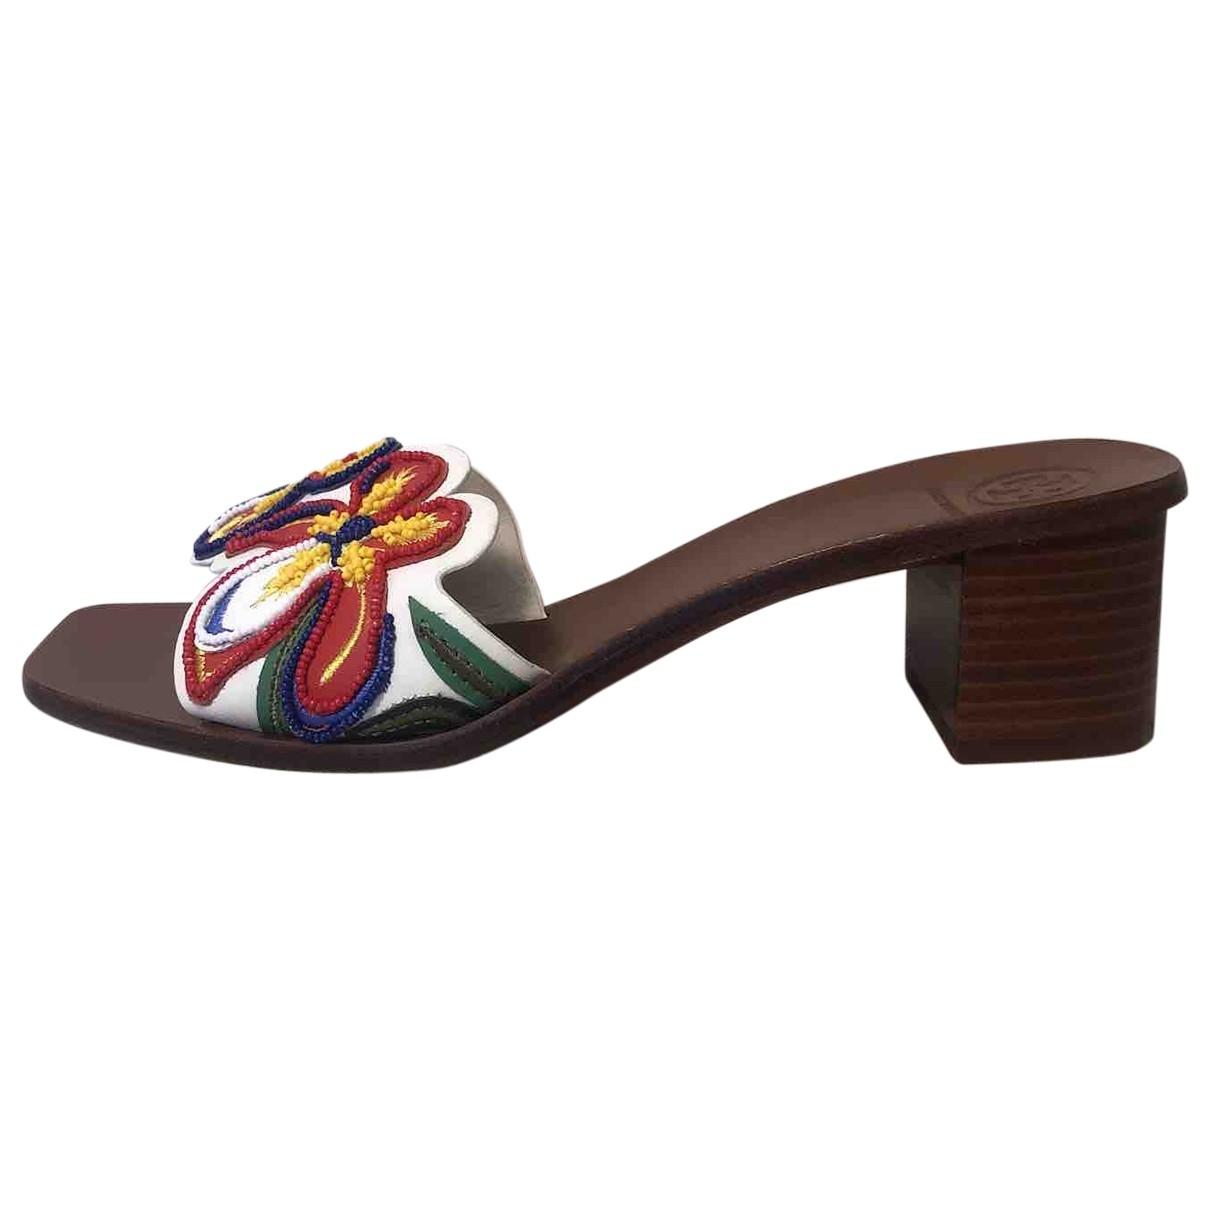 Tory Burch - Sandales   pour femme en cuir - multicolore